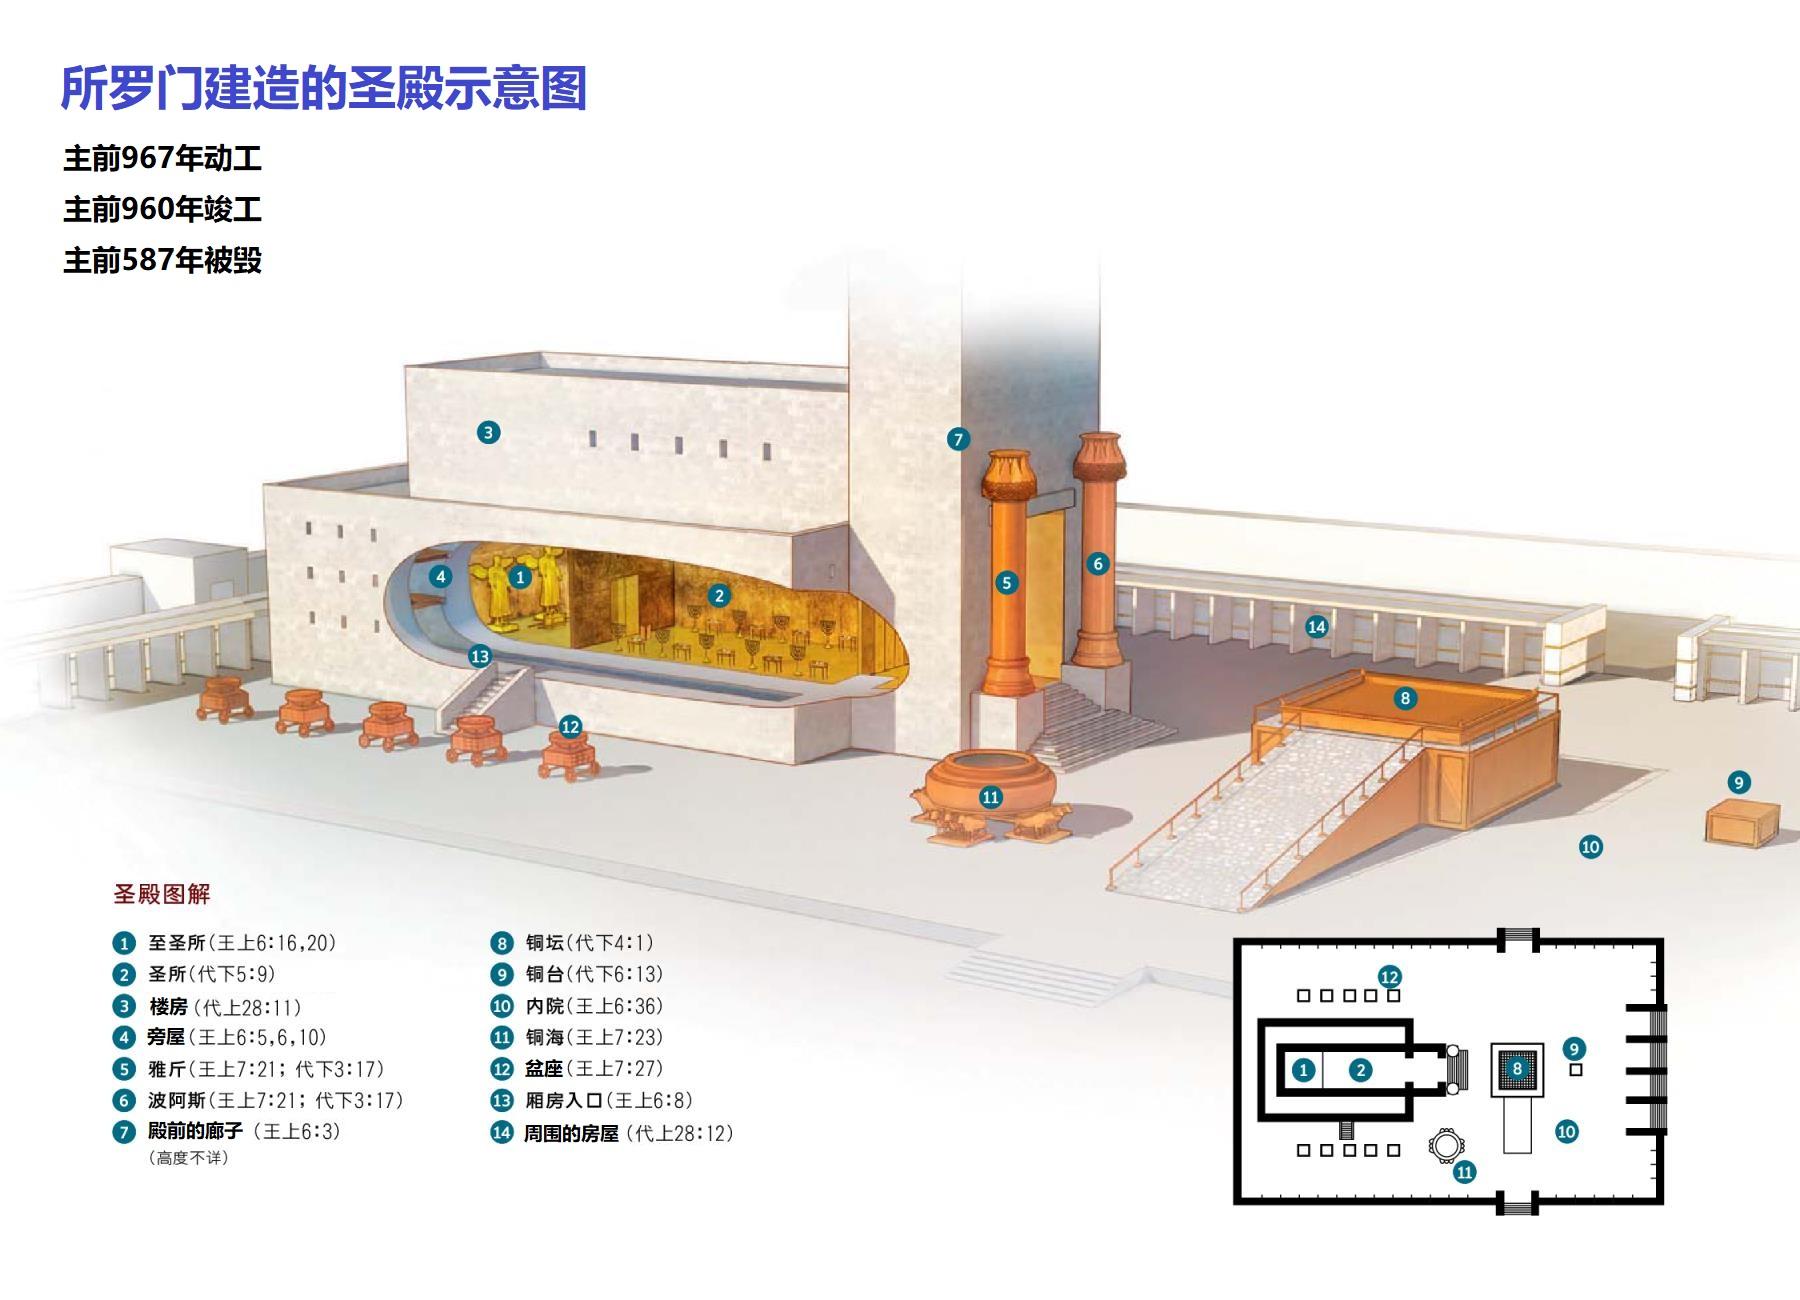 上图:所罗门建造的圣殿示意图。